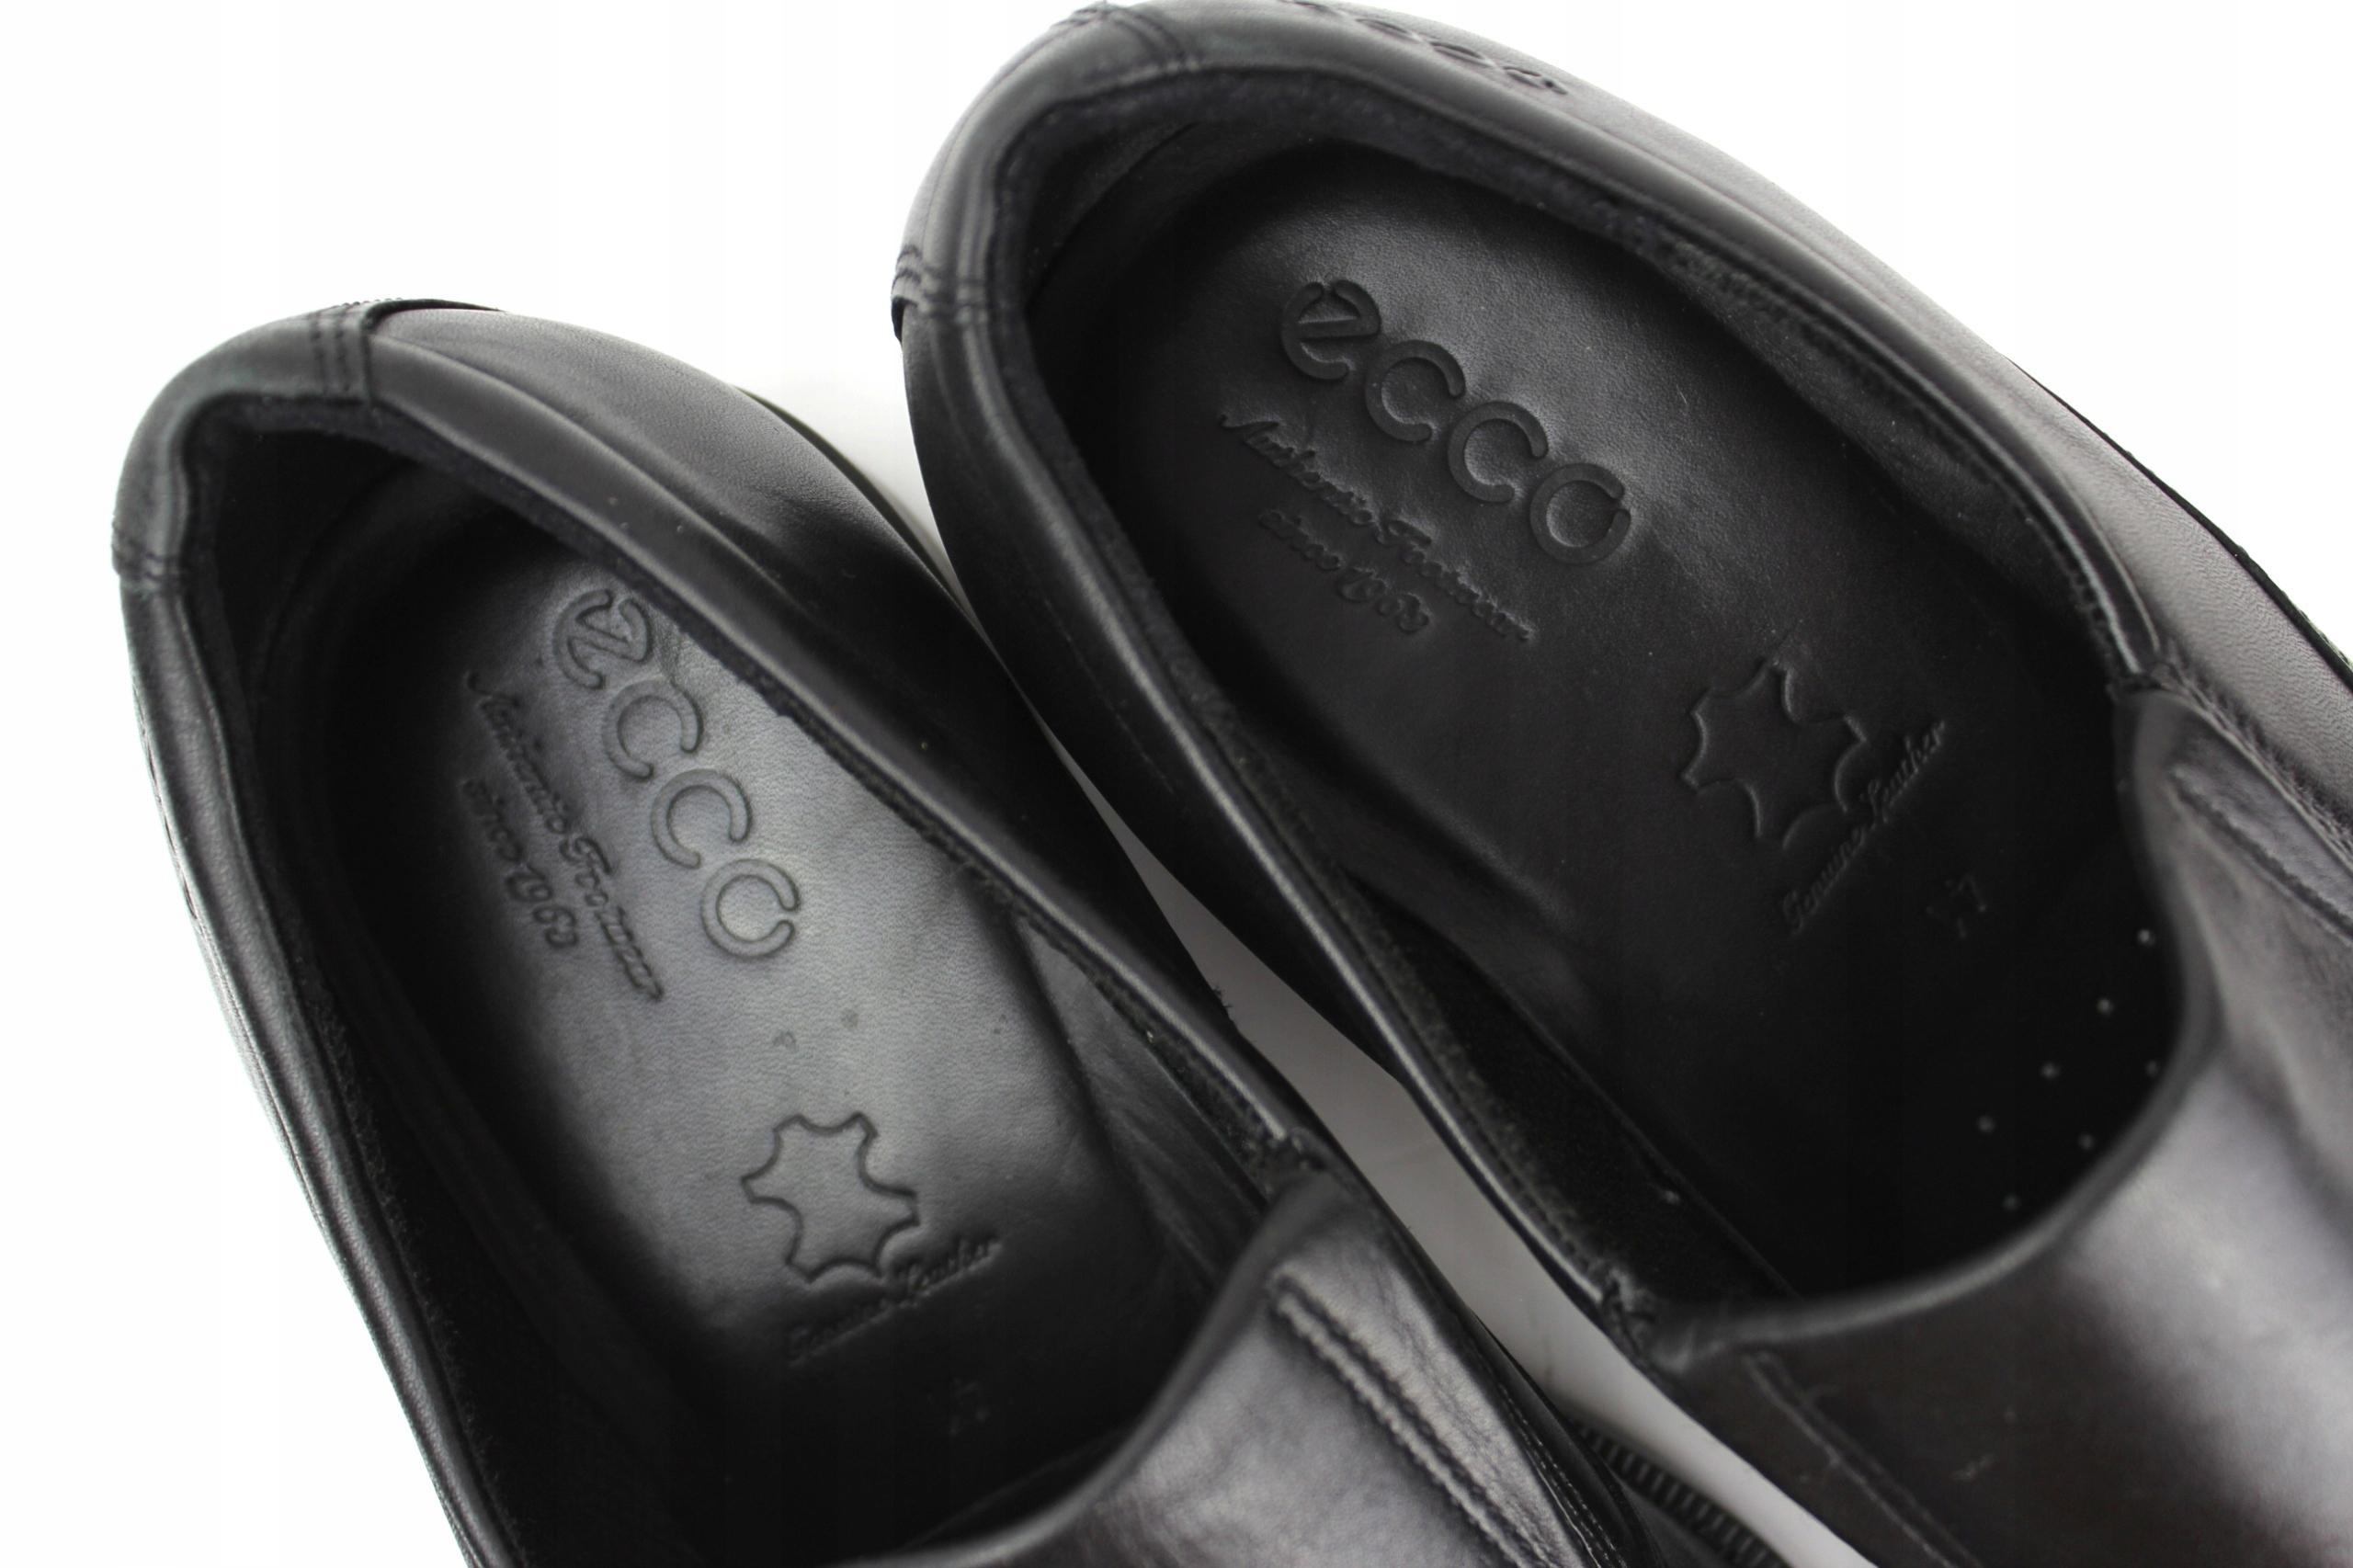 08e61724 Ecco SKÓRA NAT buty męskie r 41 -70% - 7530290458 - oficjalne ...